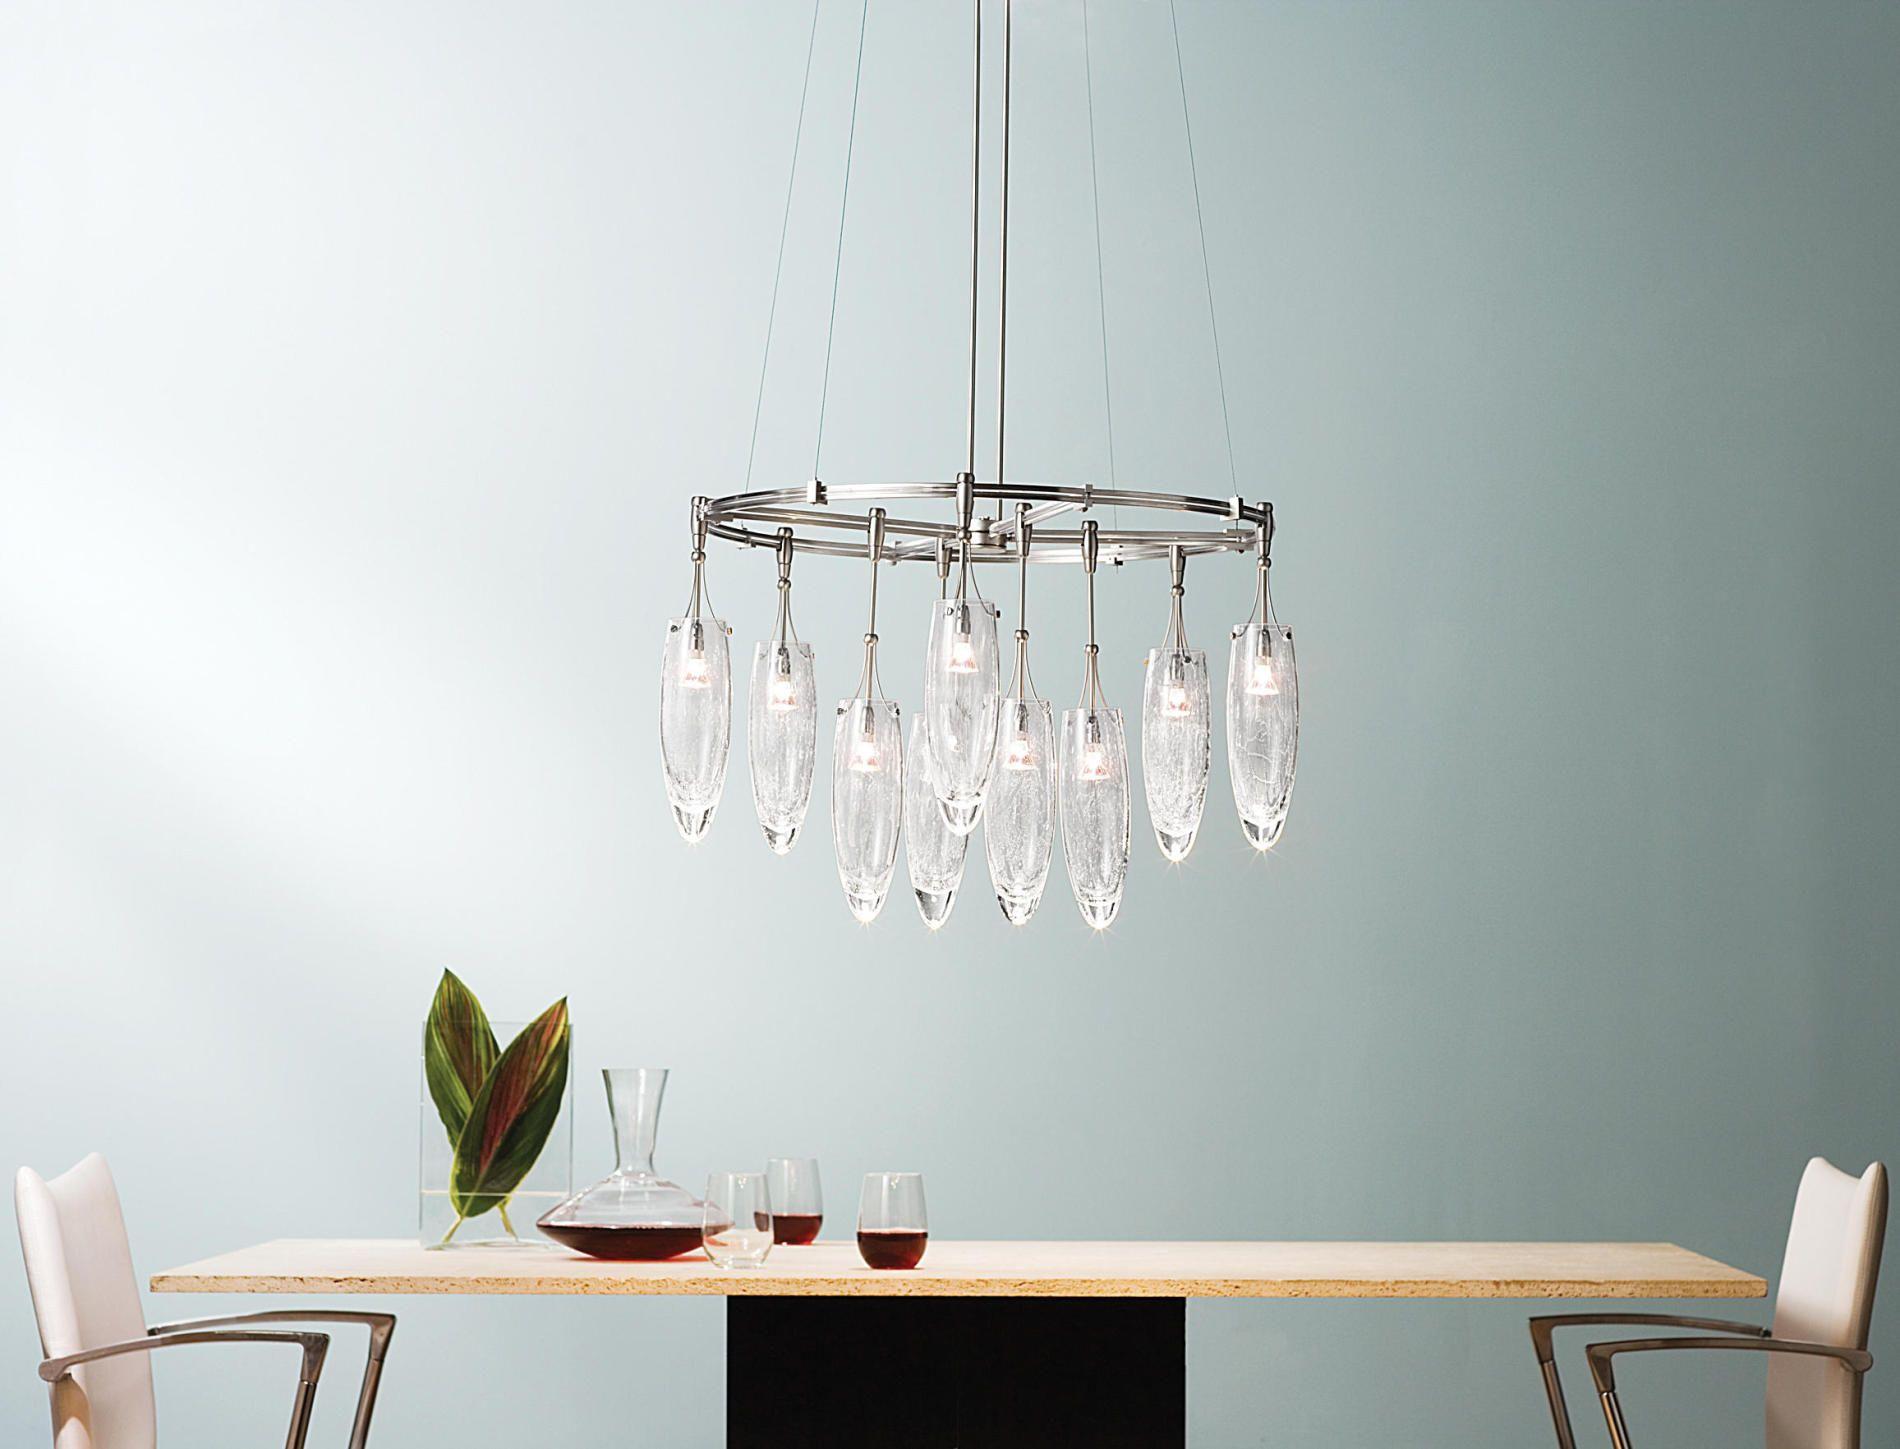 Arcadian chandelier | Lighting | Pinterest | Chandeliers, Room and ...